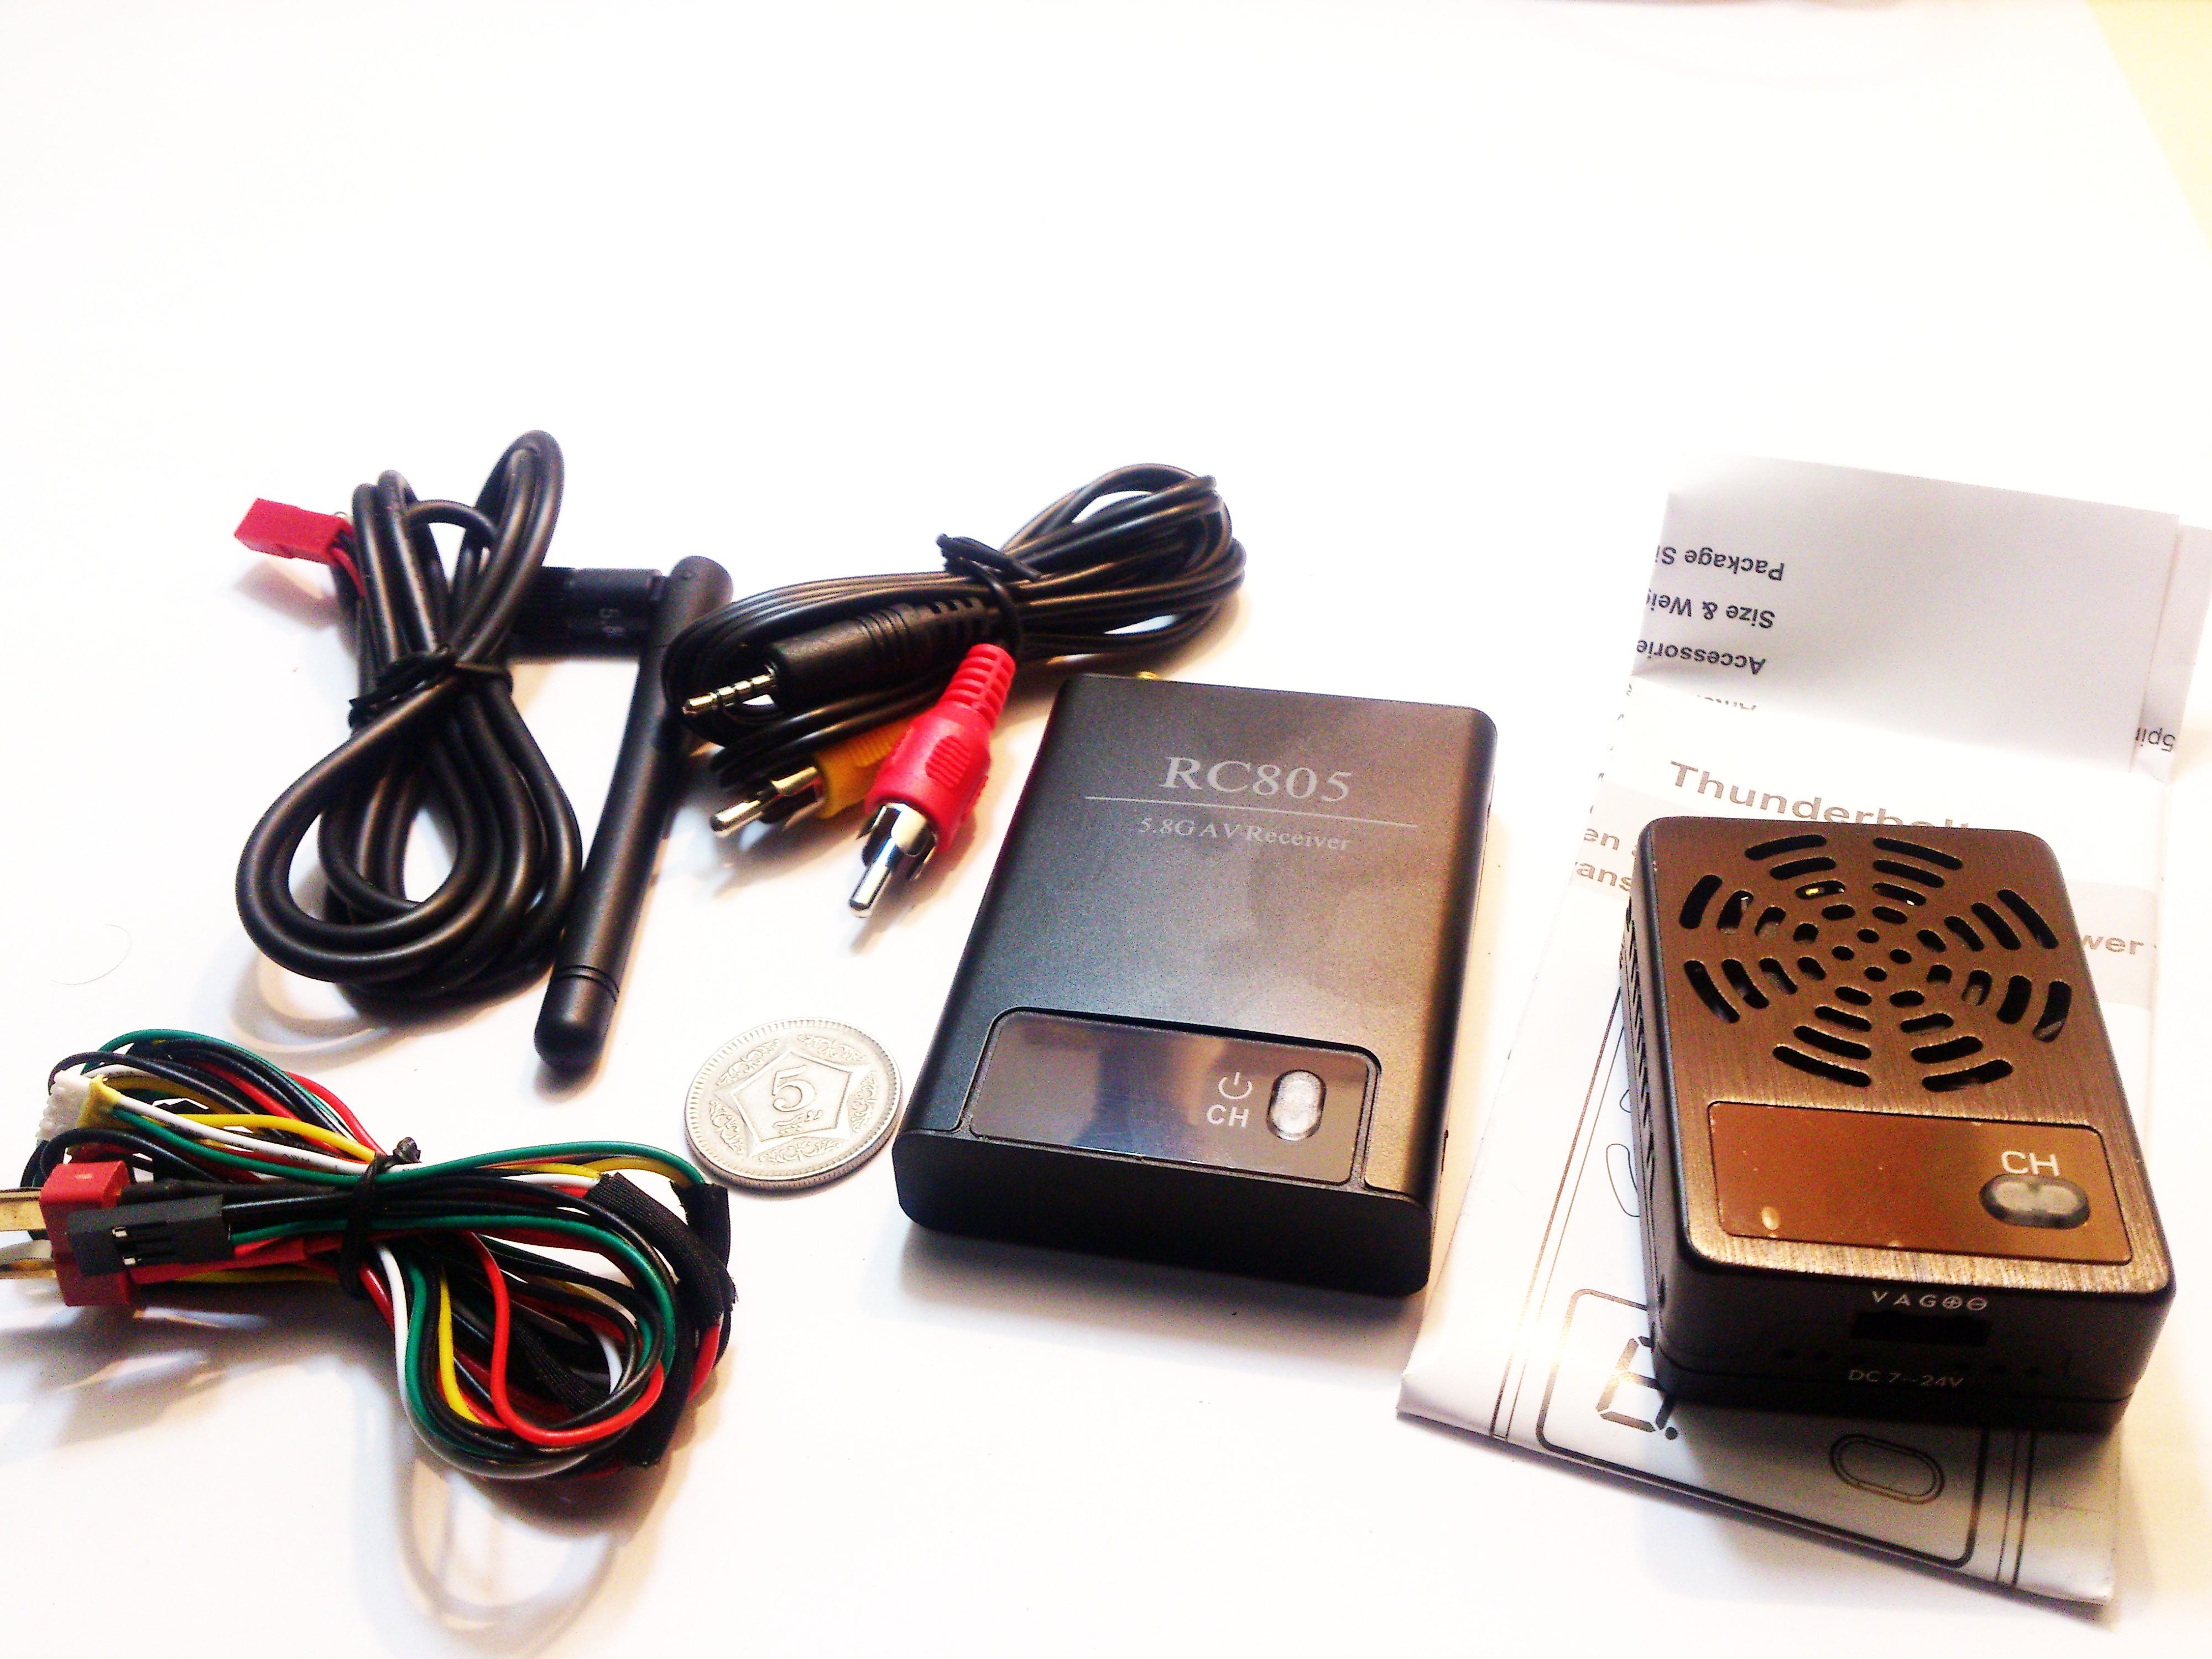 AV Audio Video Transmitter W/ RC805 AV receiver